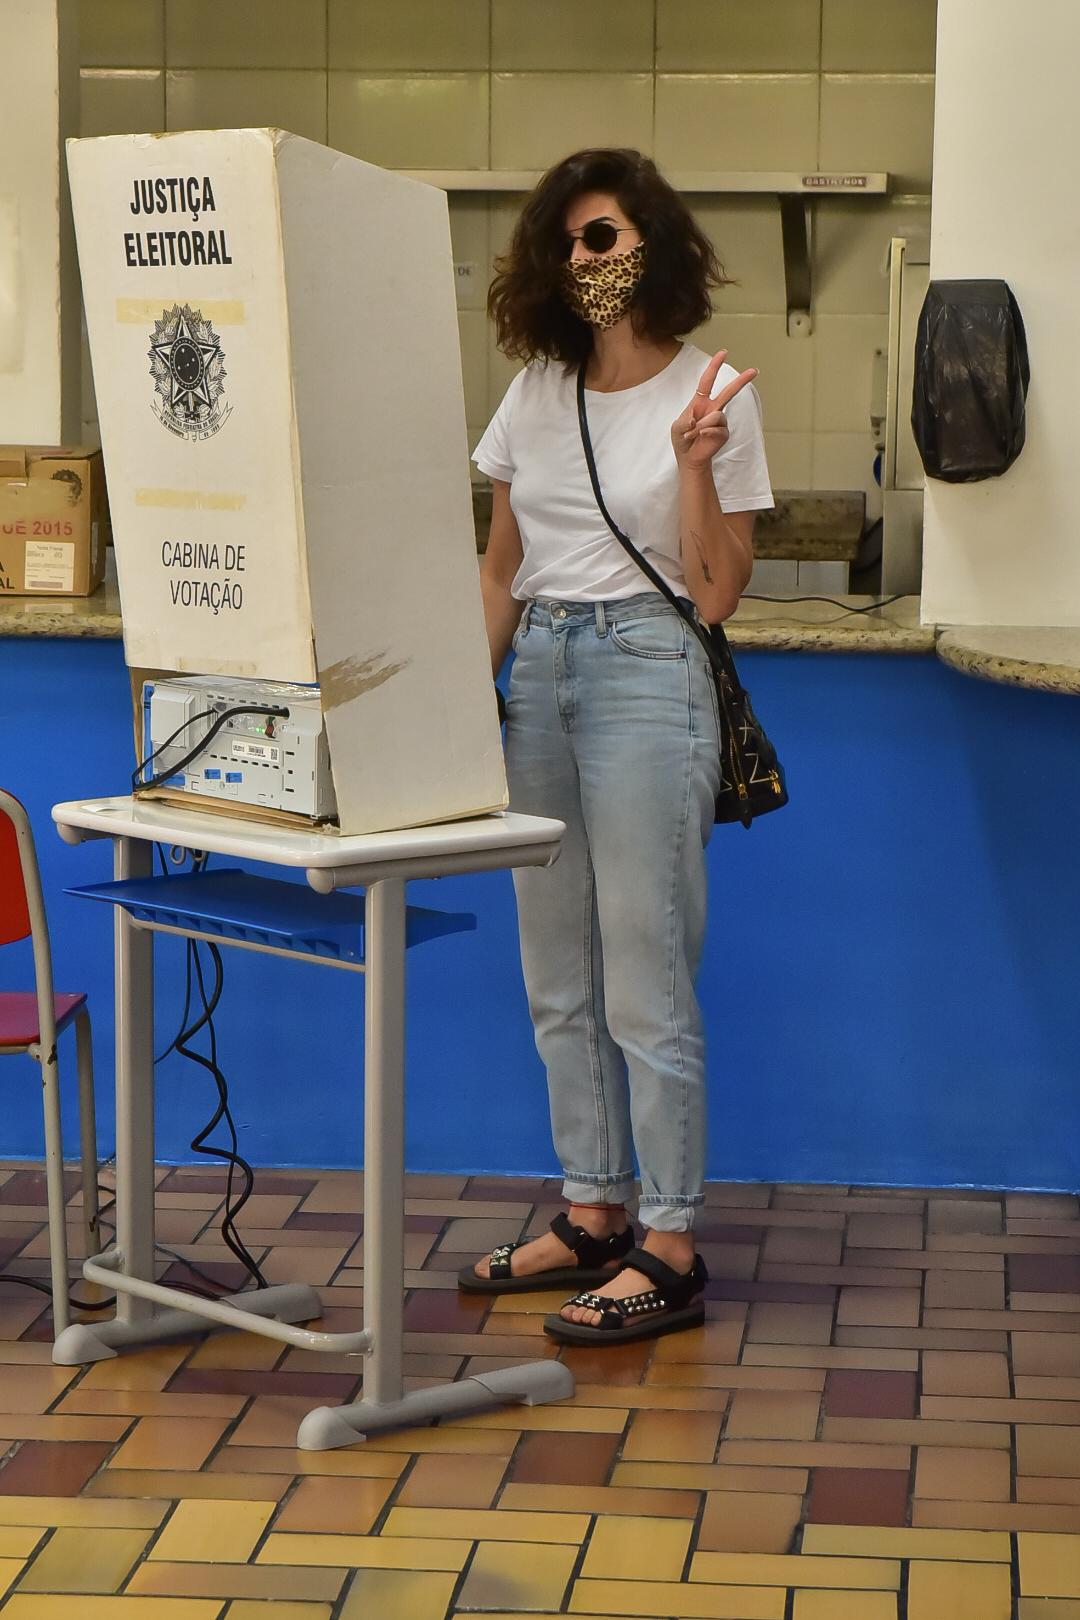 Fernanda Paes Leme vota para o 2º turno em SP